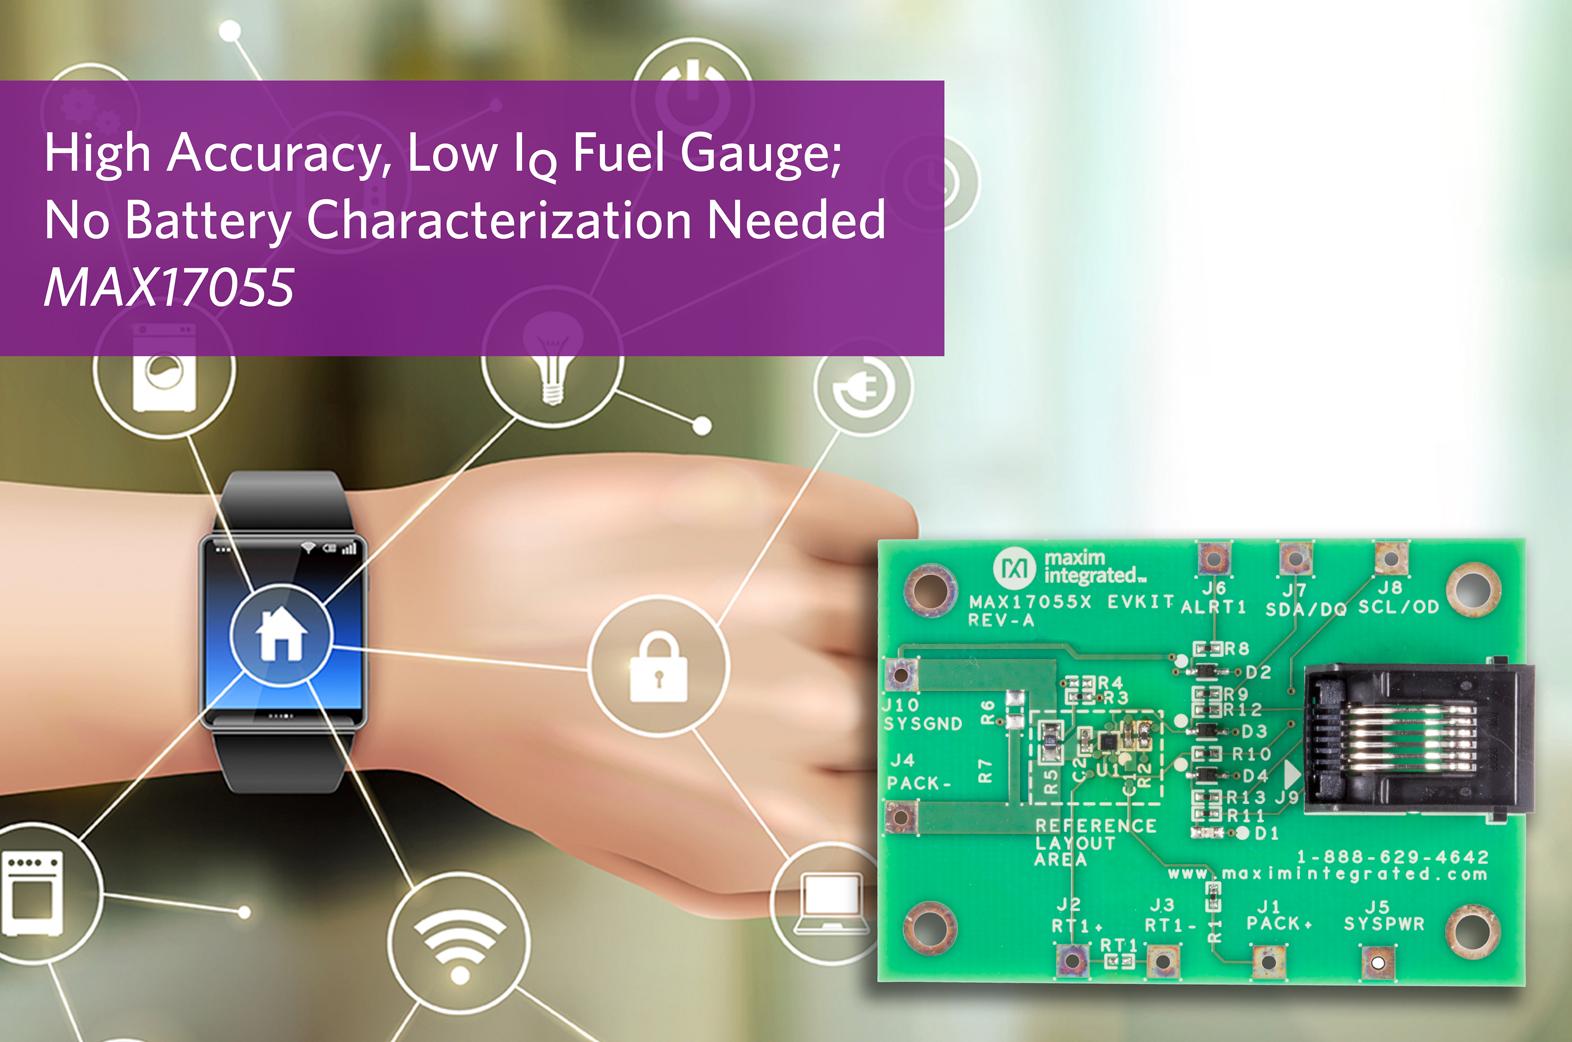 Maxim推出高精度、低静态电流电量计,轻松实现最低功耗设计